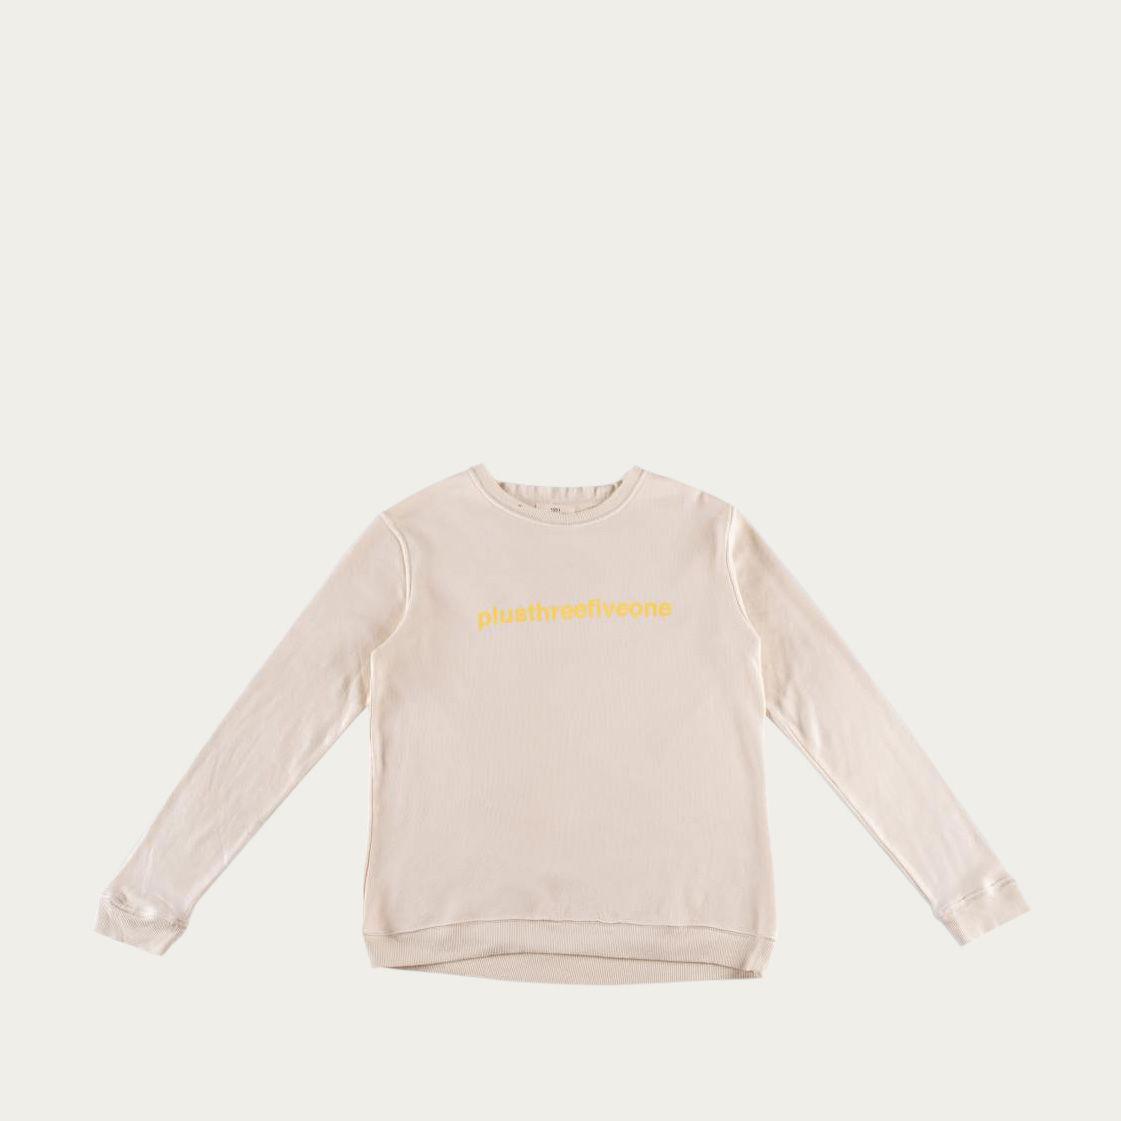 Sand and Yellow +351 Sweatshirt 0